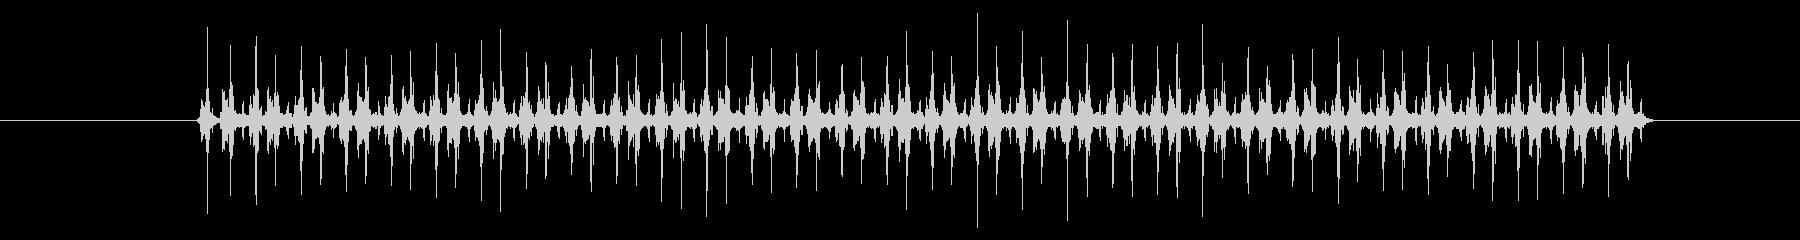 【録音】一眼レフの高速連写音の未再生の波形